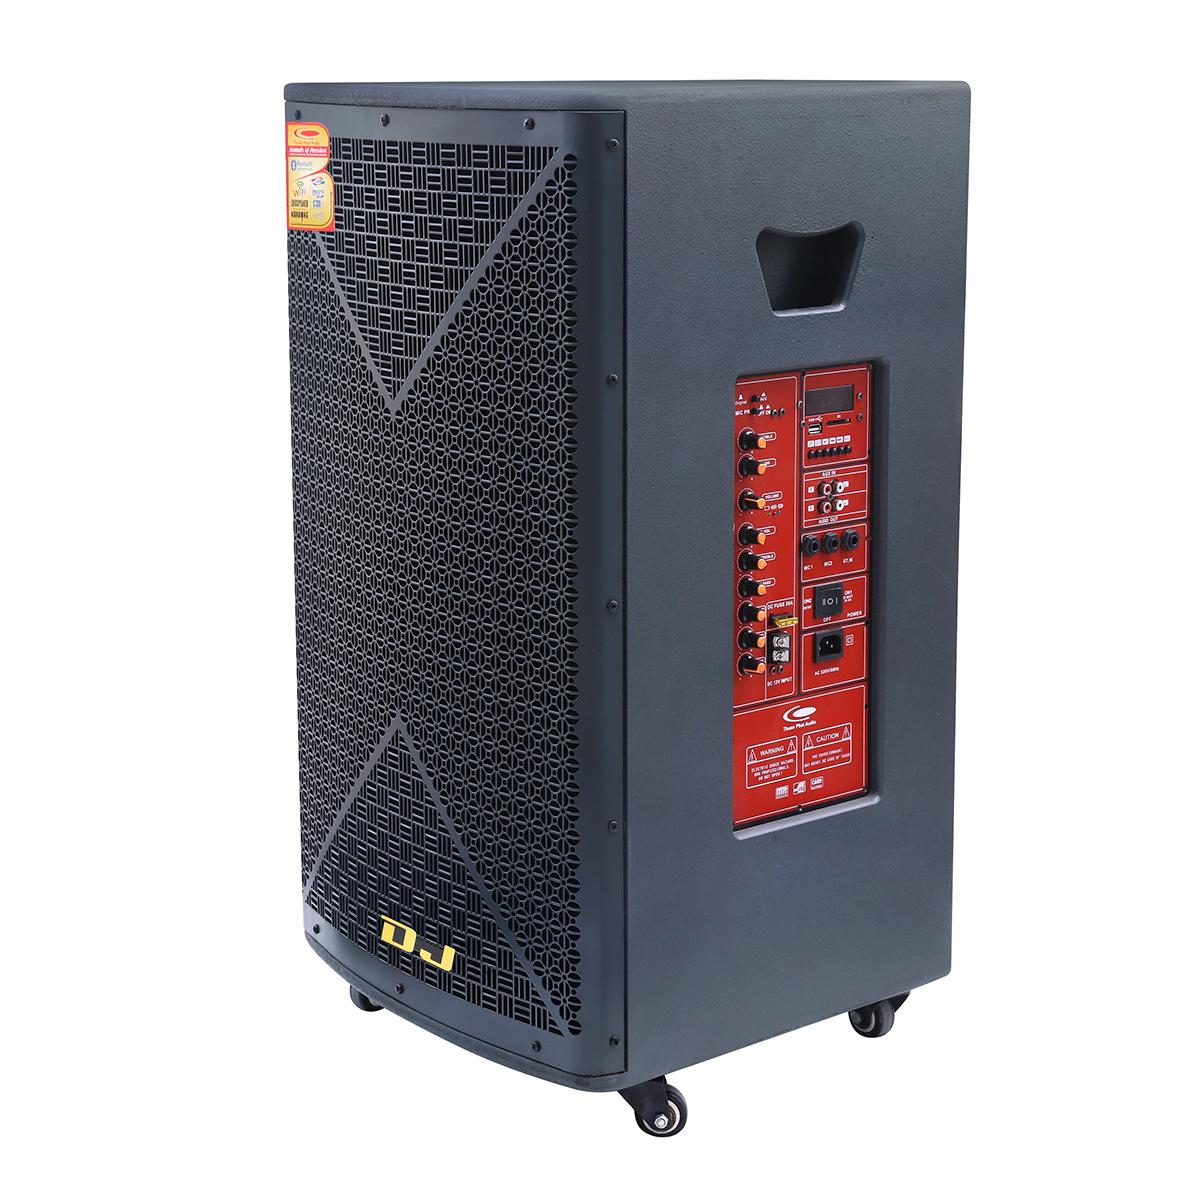 Loa kéo Bình di động Karaoke H-15 (400W) 4 tấc + kèm bộ Micro không dây  - Hàng chính hãng